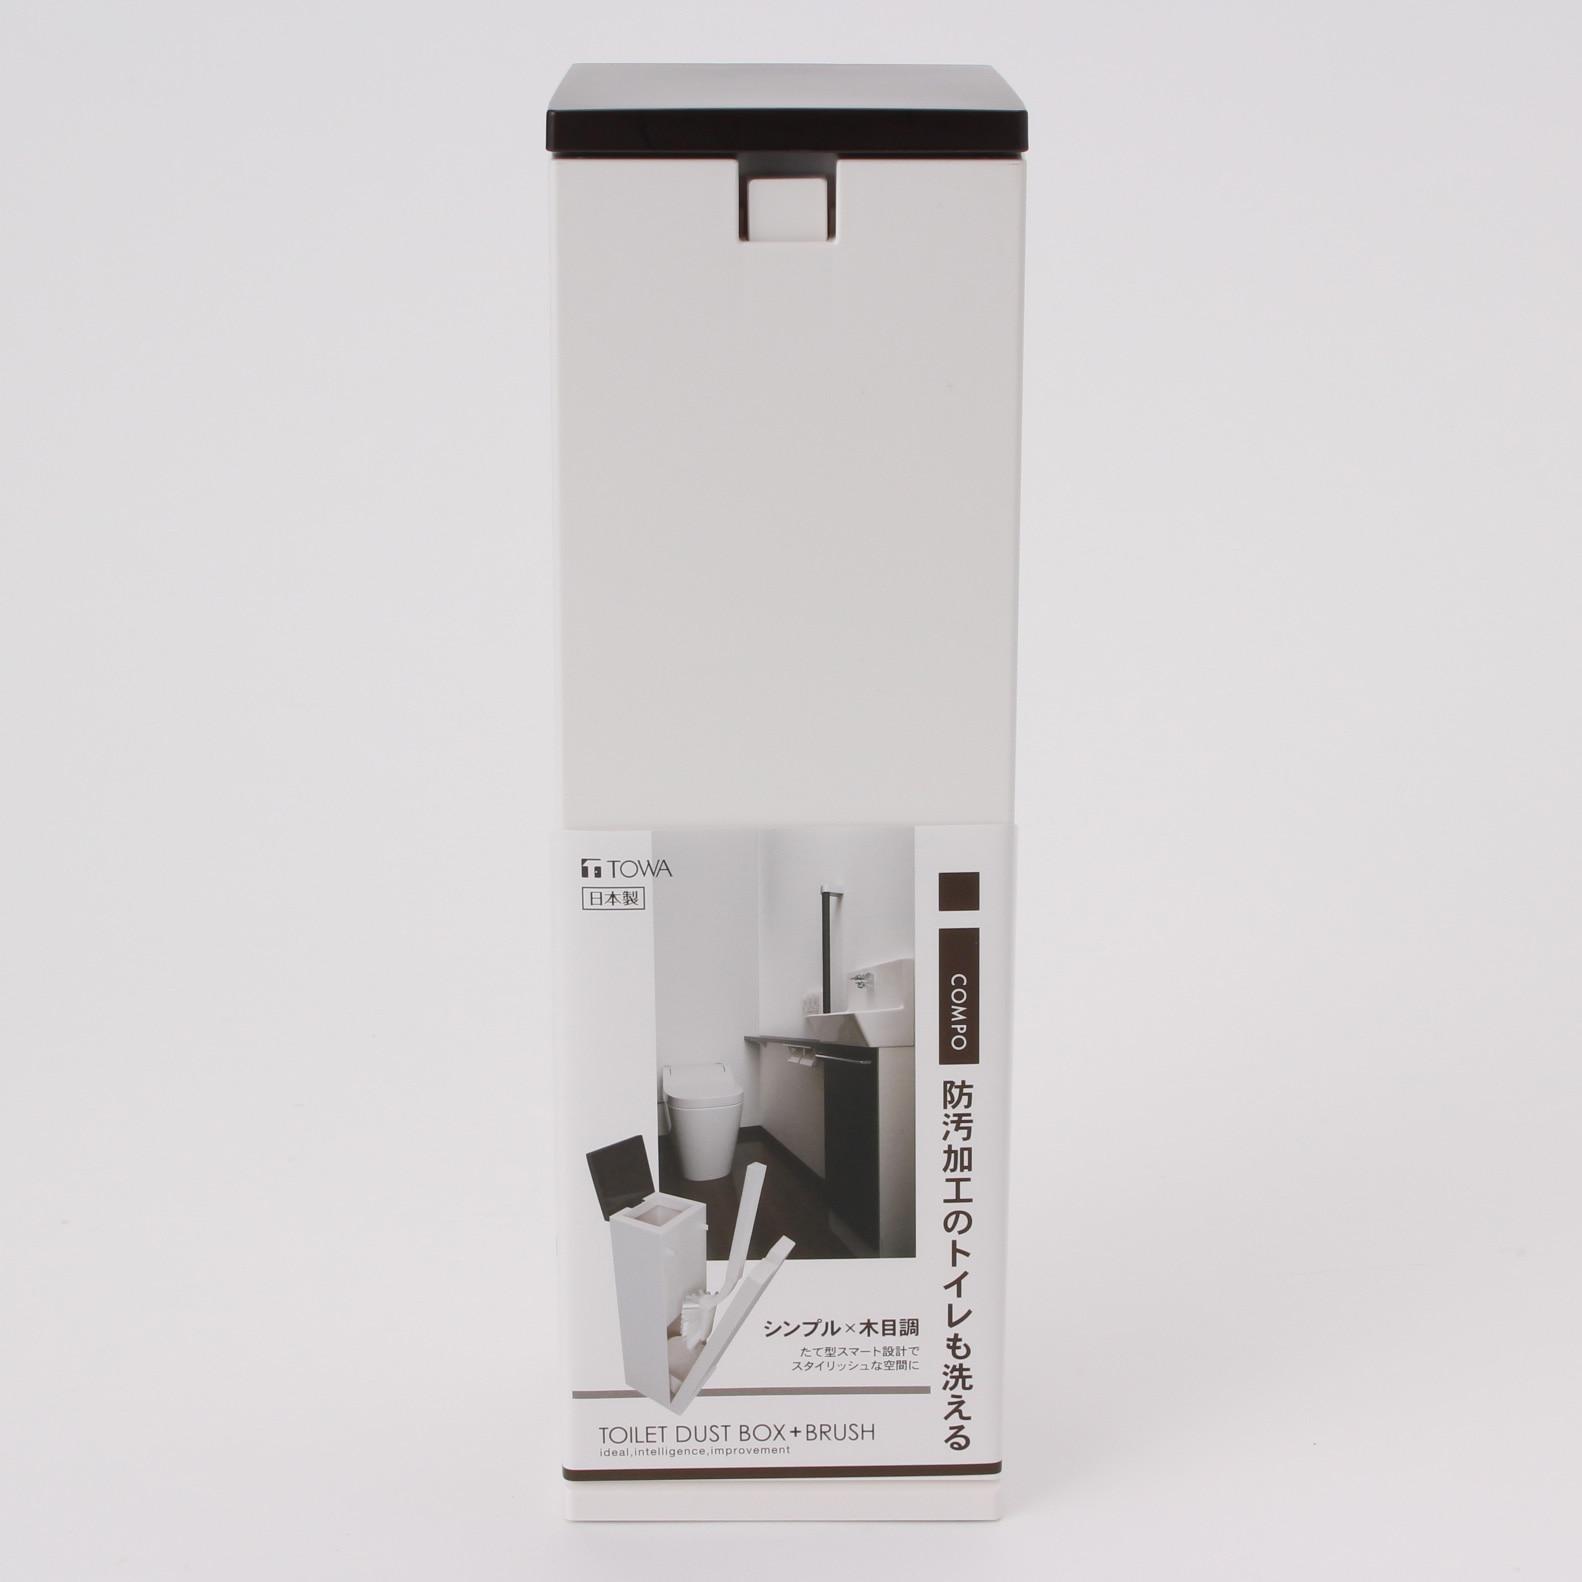 防汚加工トイレ対応アイコンポ ダークブラウン